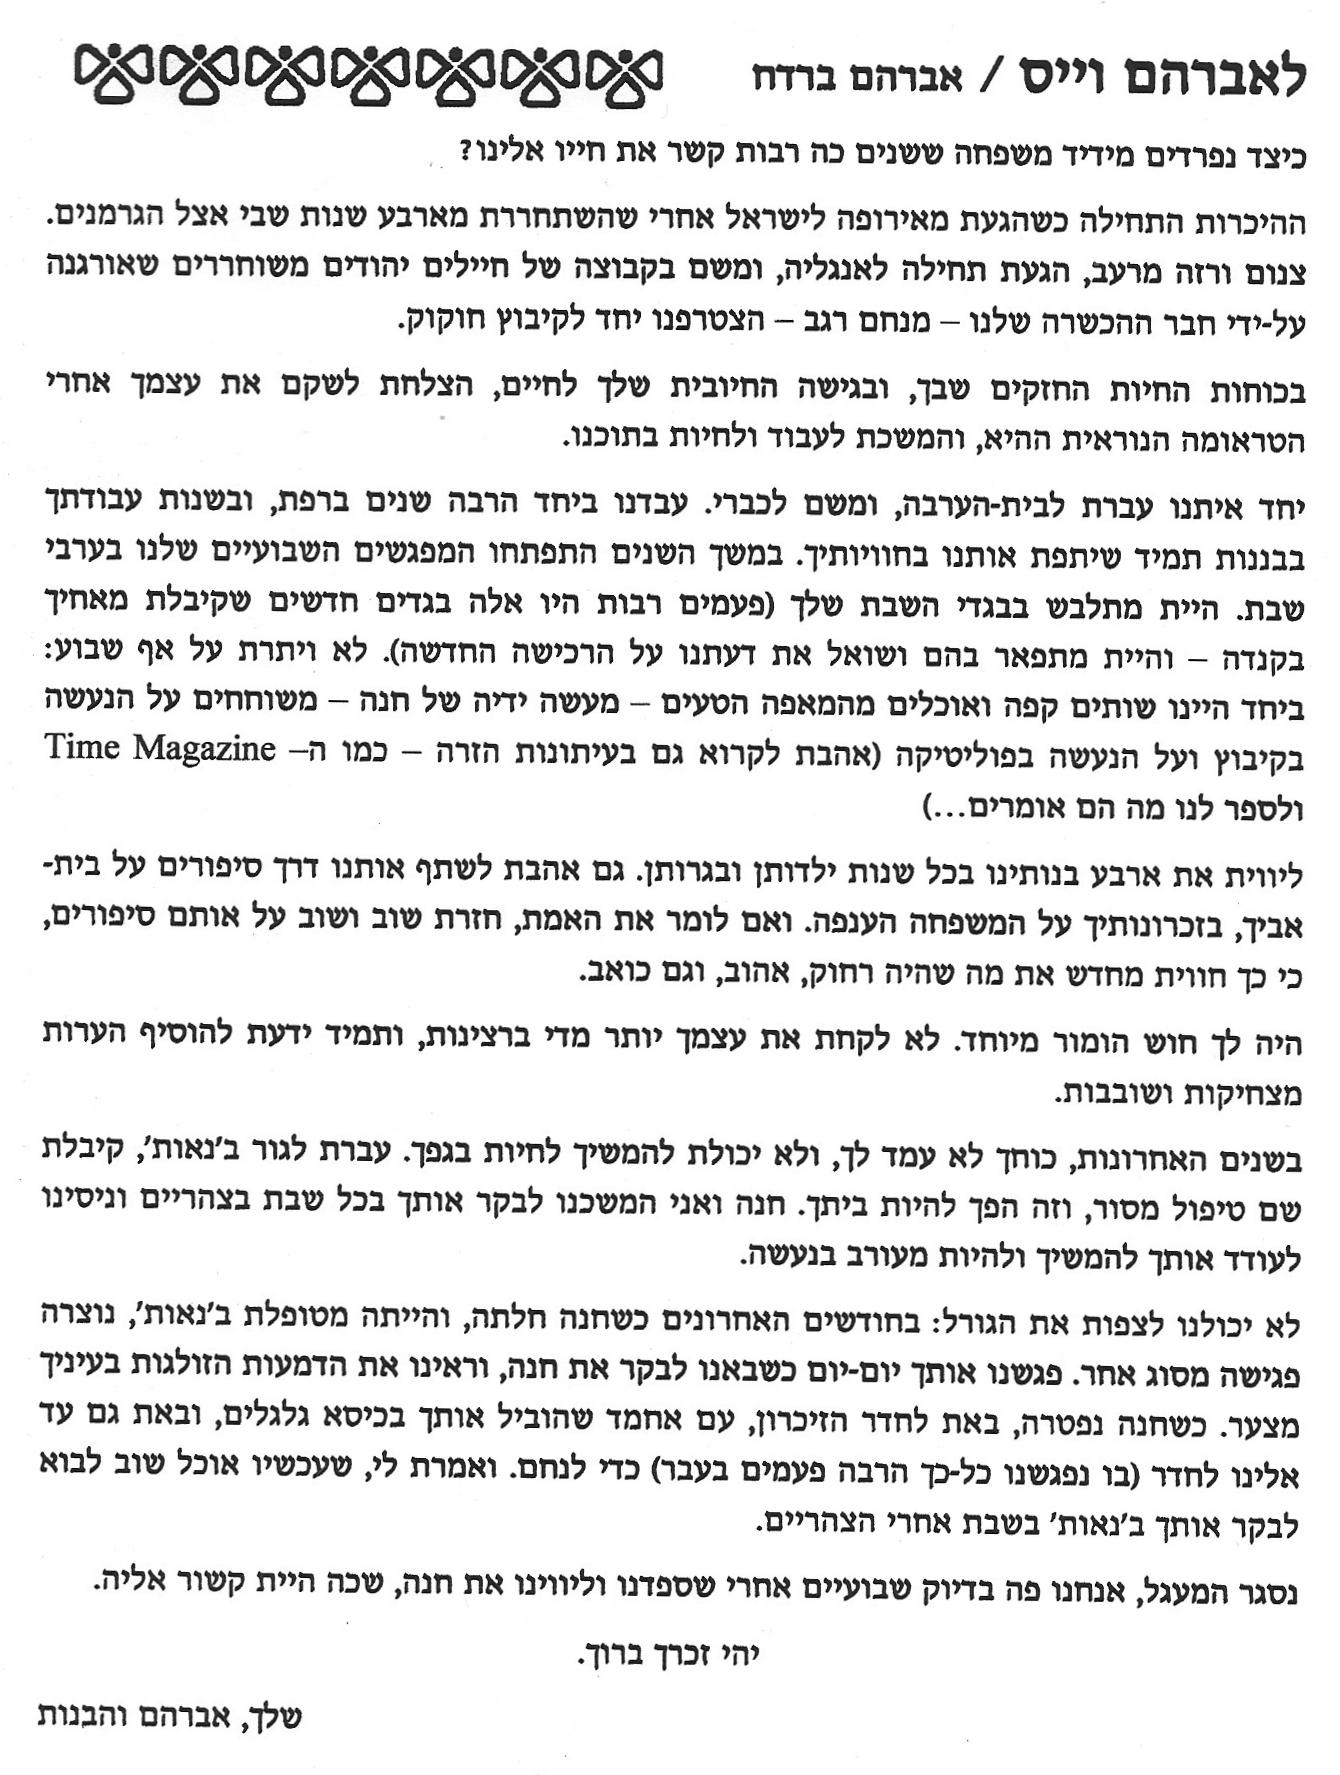 כתב אברהם ברדח